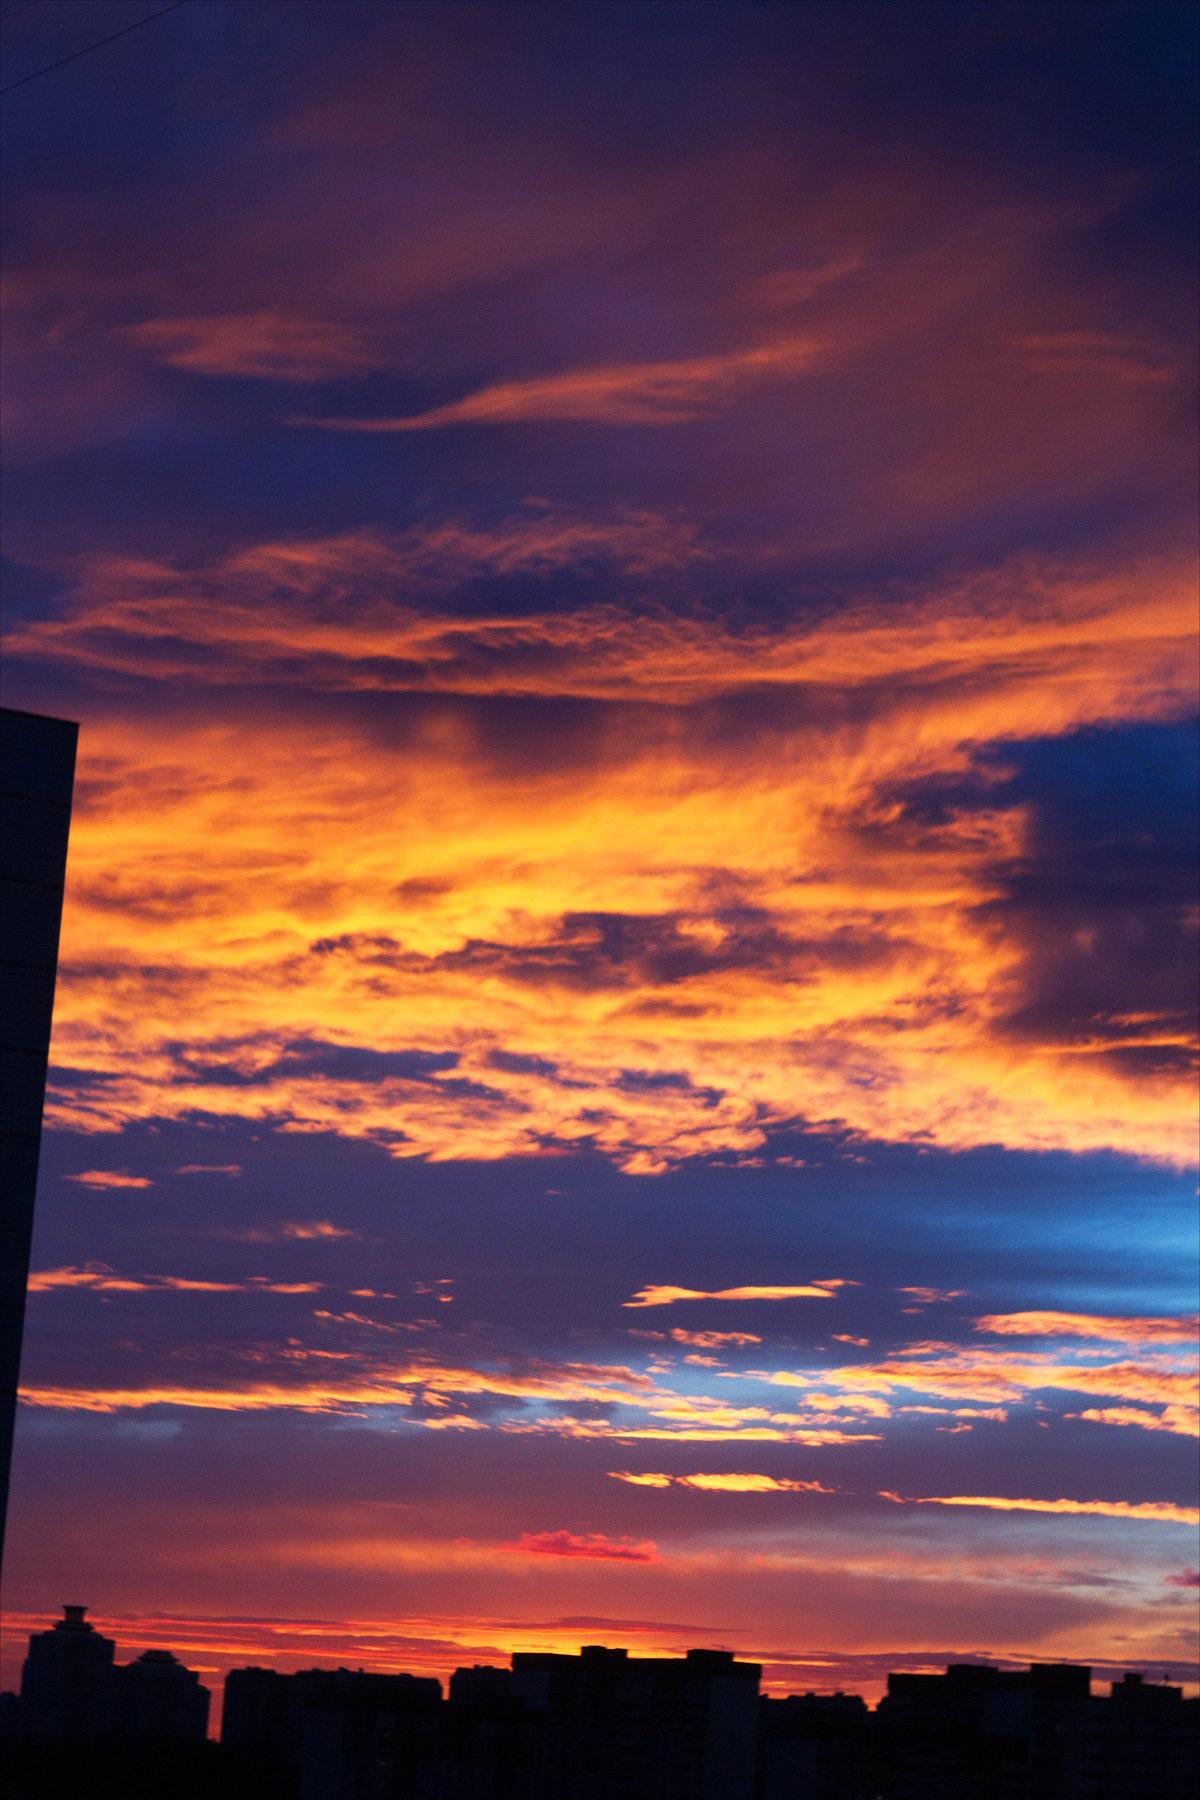 красивая картинка заката в городе области предоставляются